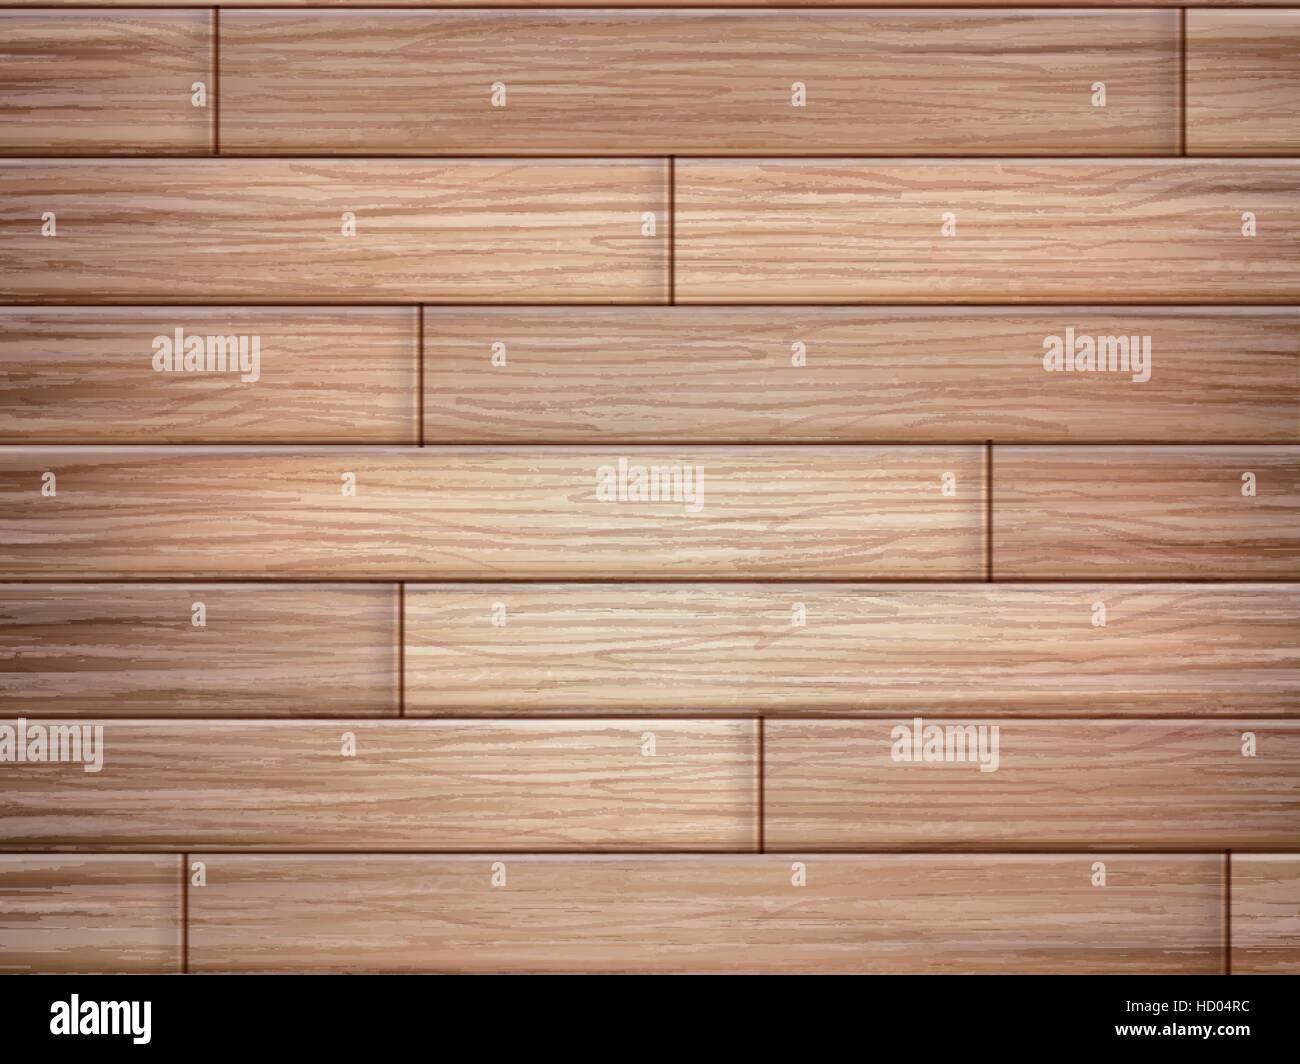 Assi Di Legno Hd : Close up guarda tavolato in legno sfondo texture illustrazione